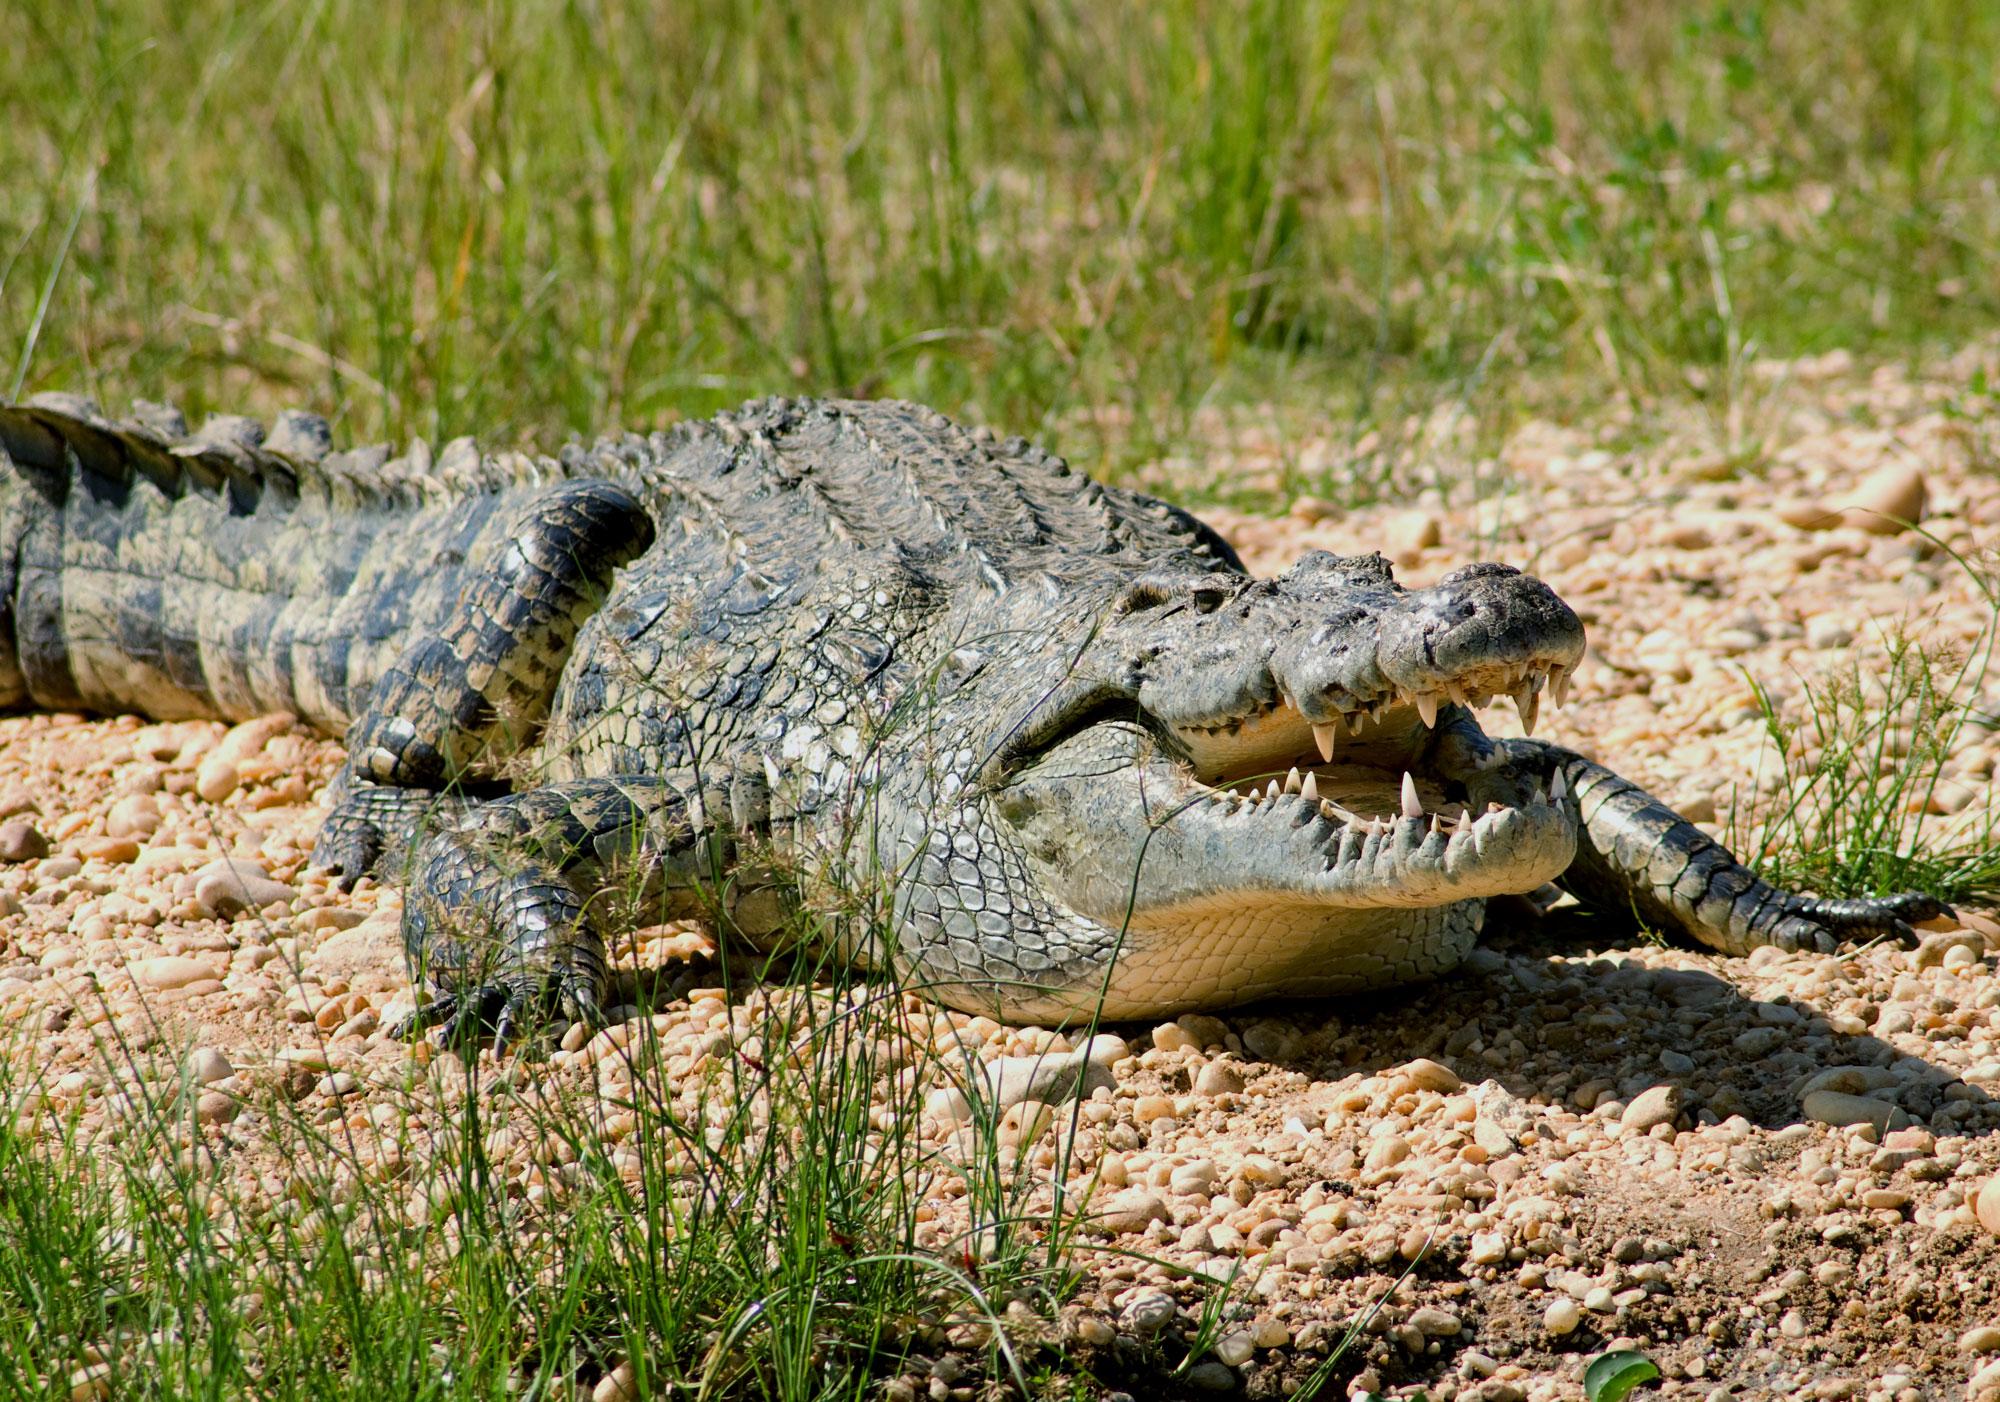 Специально обученные крокодилы будут охранять границу Украины на Дунае, — Геращенко